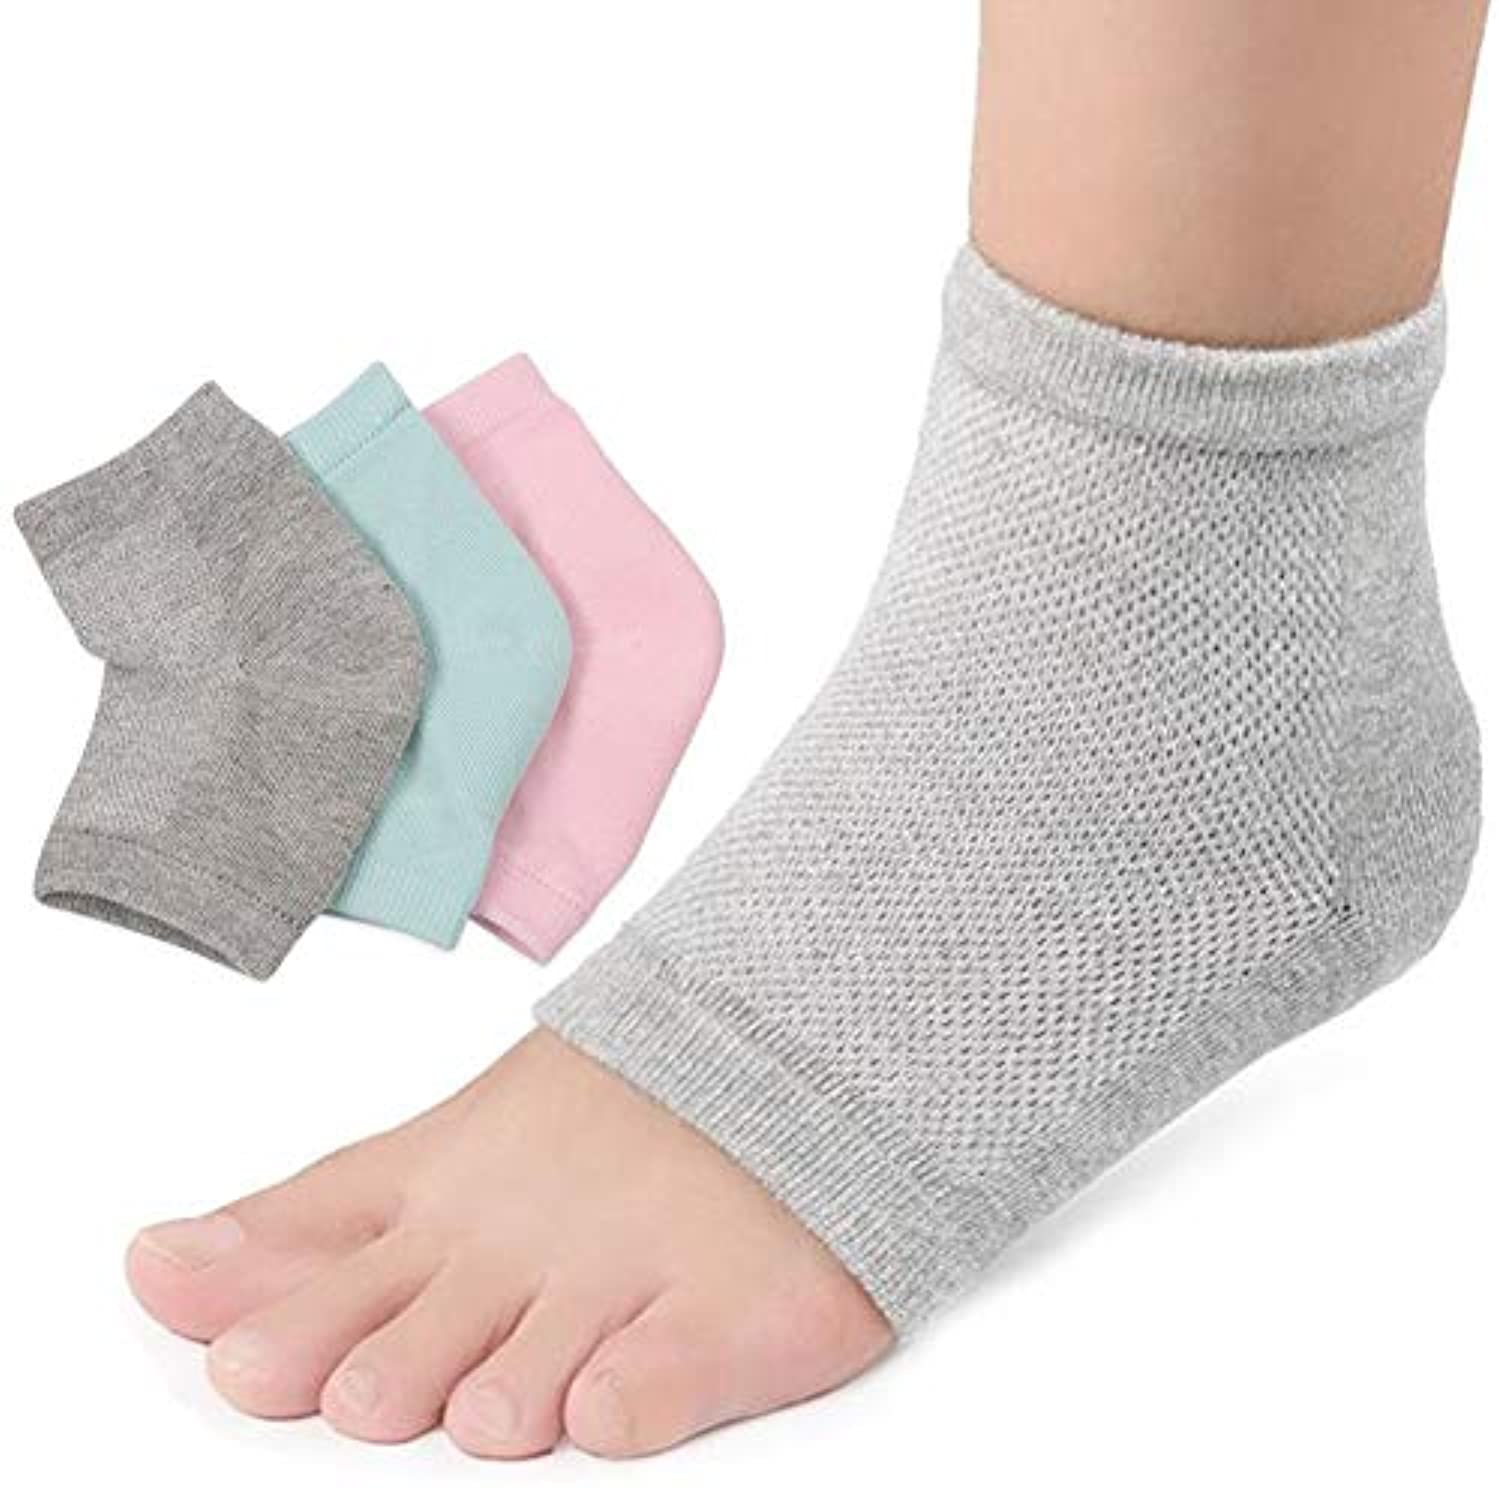 アッパー寓話歴史3足セットかかと 靴下 かかとケア つるつる ジェル 靴下 角質 ケア 保湿 美容 角質除去足ケア 男女兼用